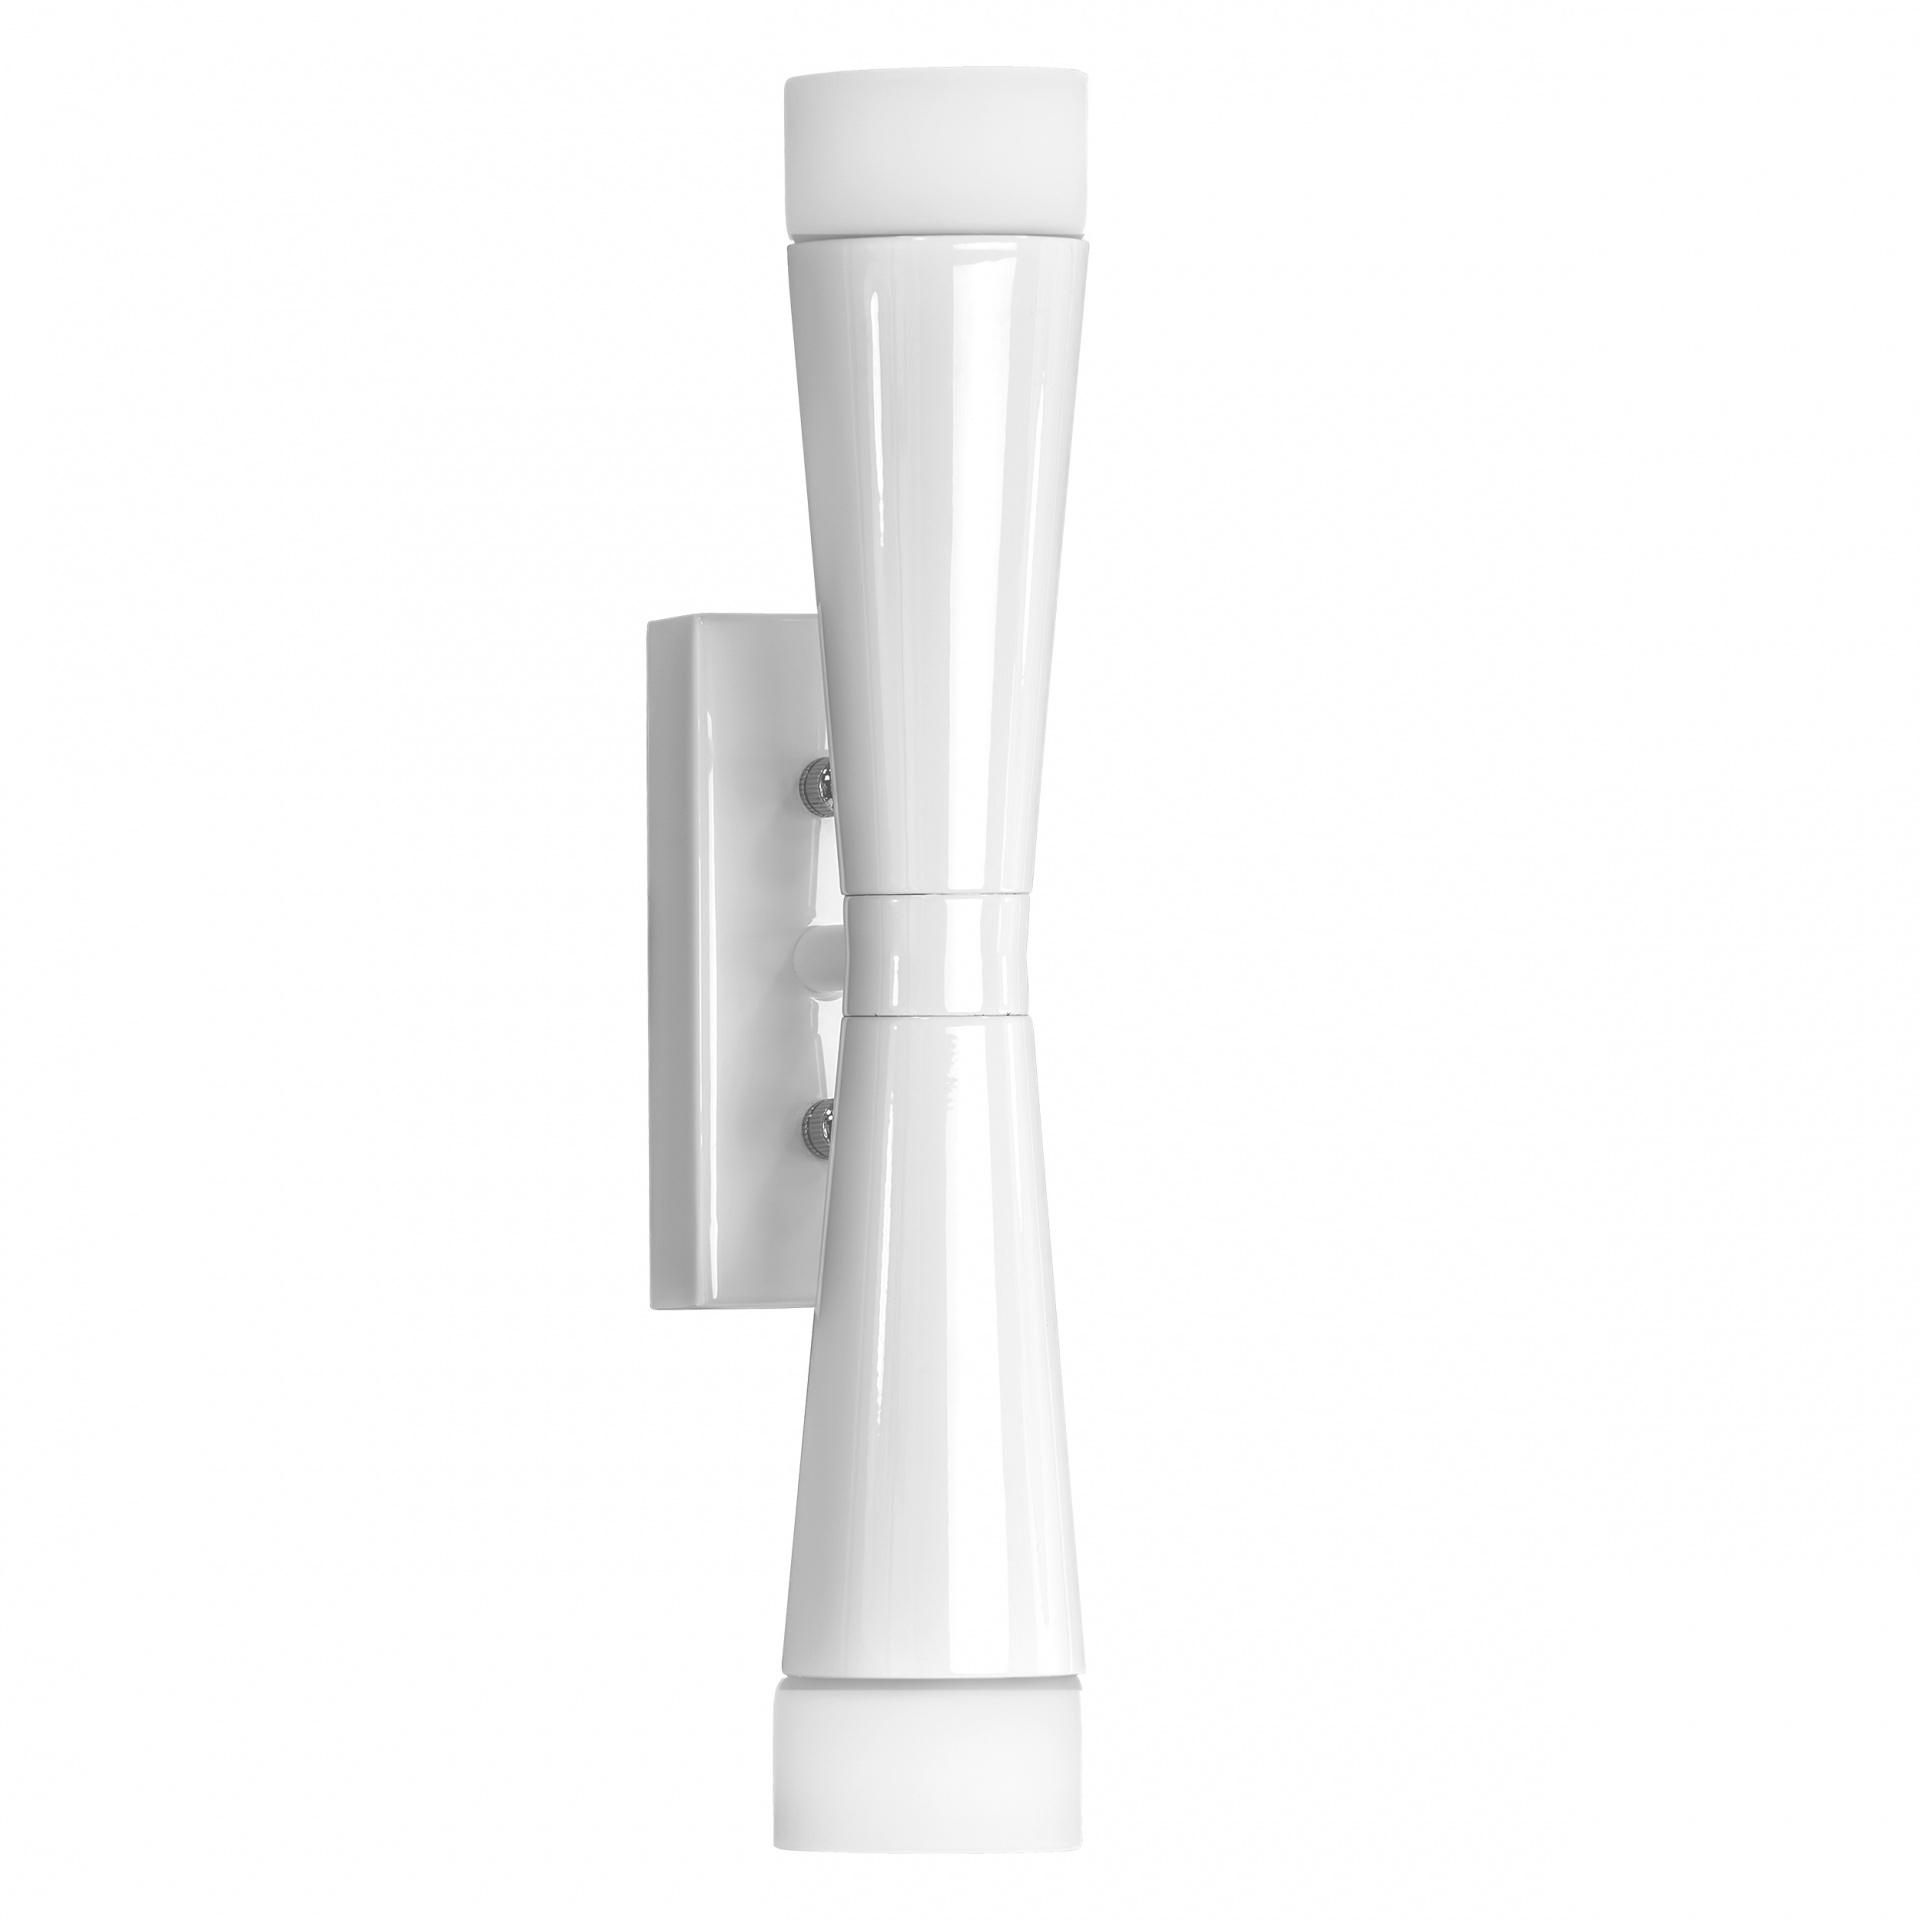 Бра Punto 2х7W G9 (Led) белый Lightstar 807626, купить в СПб, Москве, с доставкой, Санкт-Петербург, интернет-магазин люстр и светильников Starlight, фото в жизни